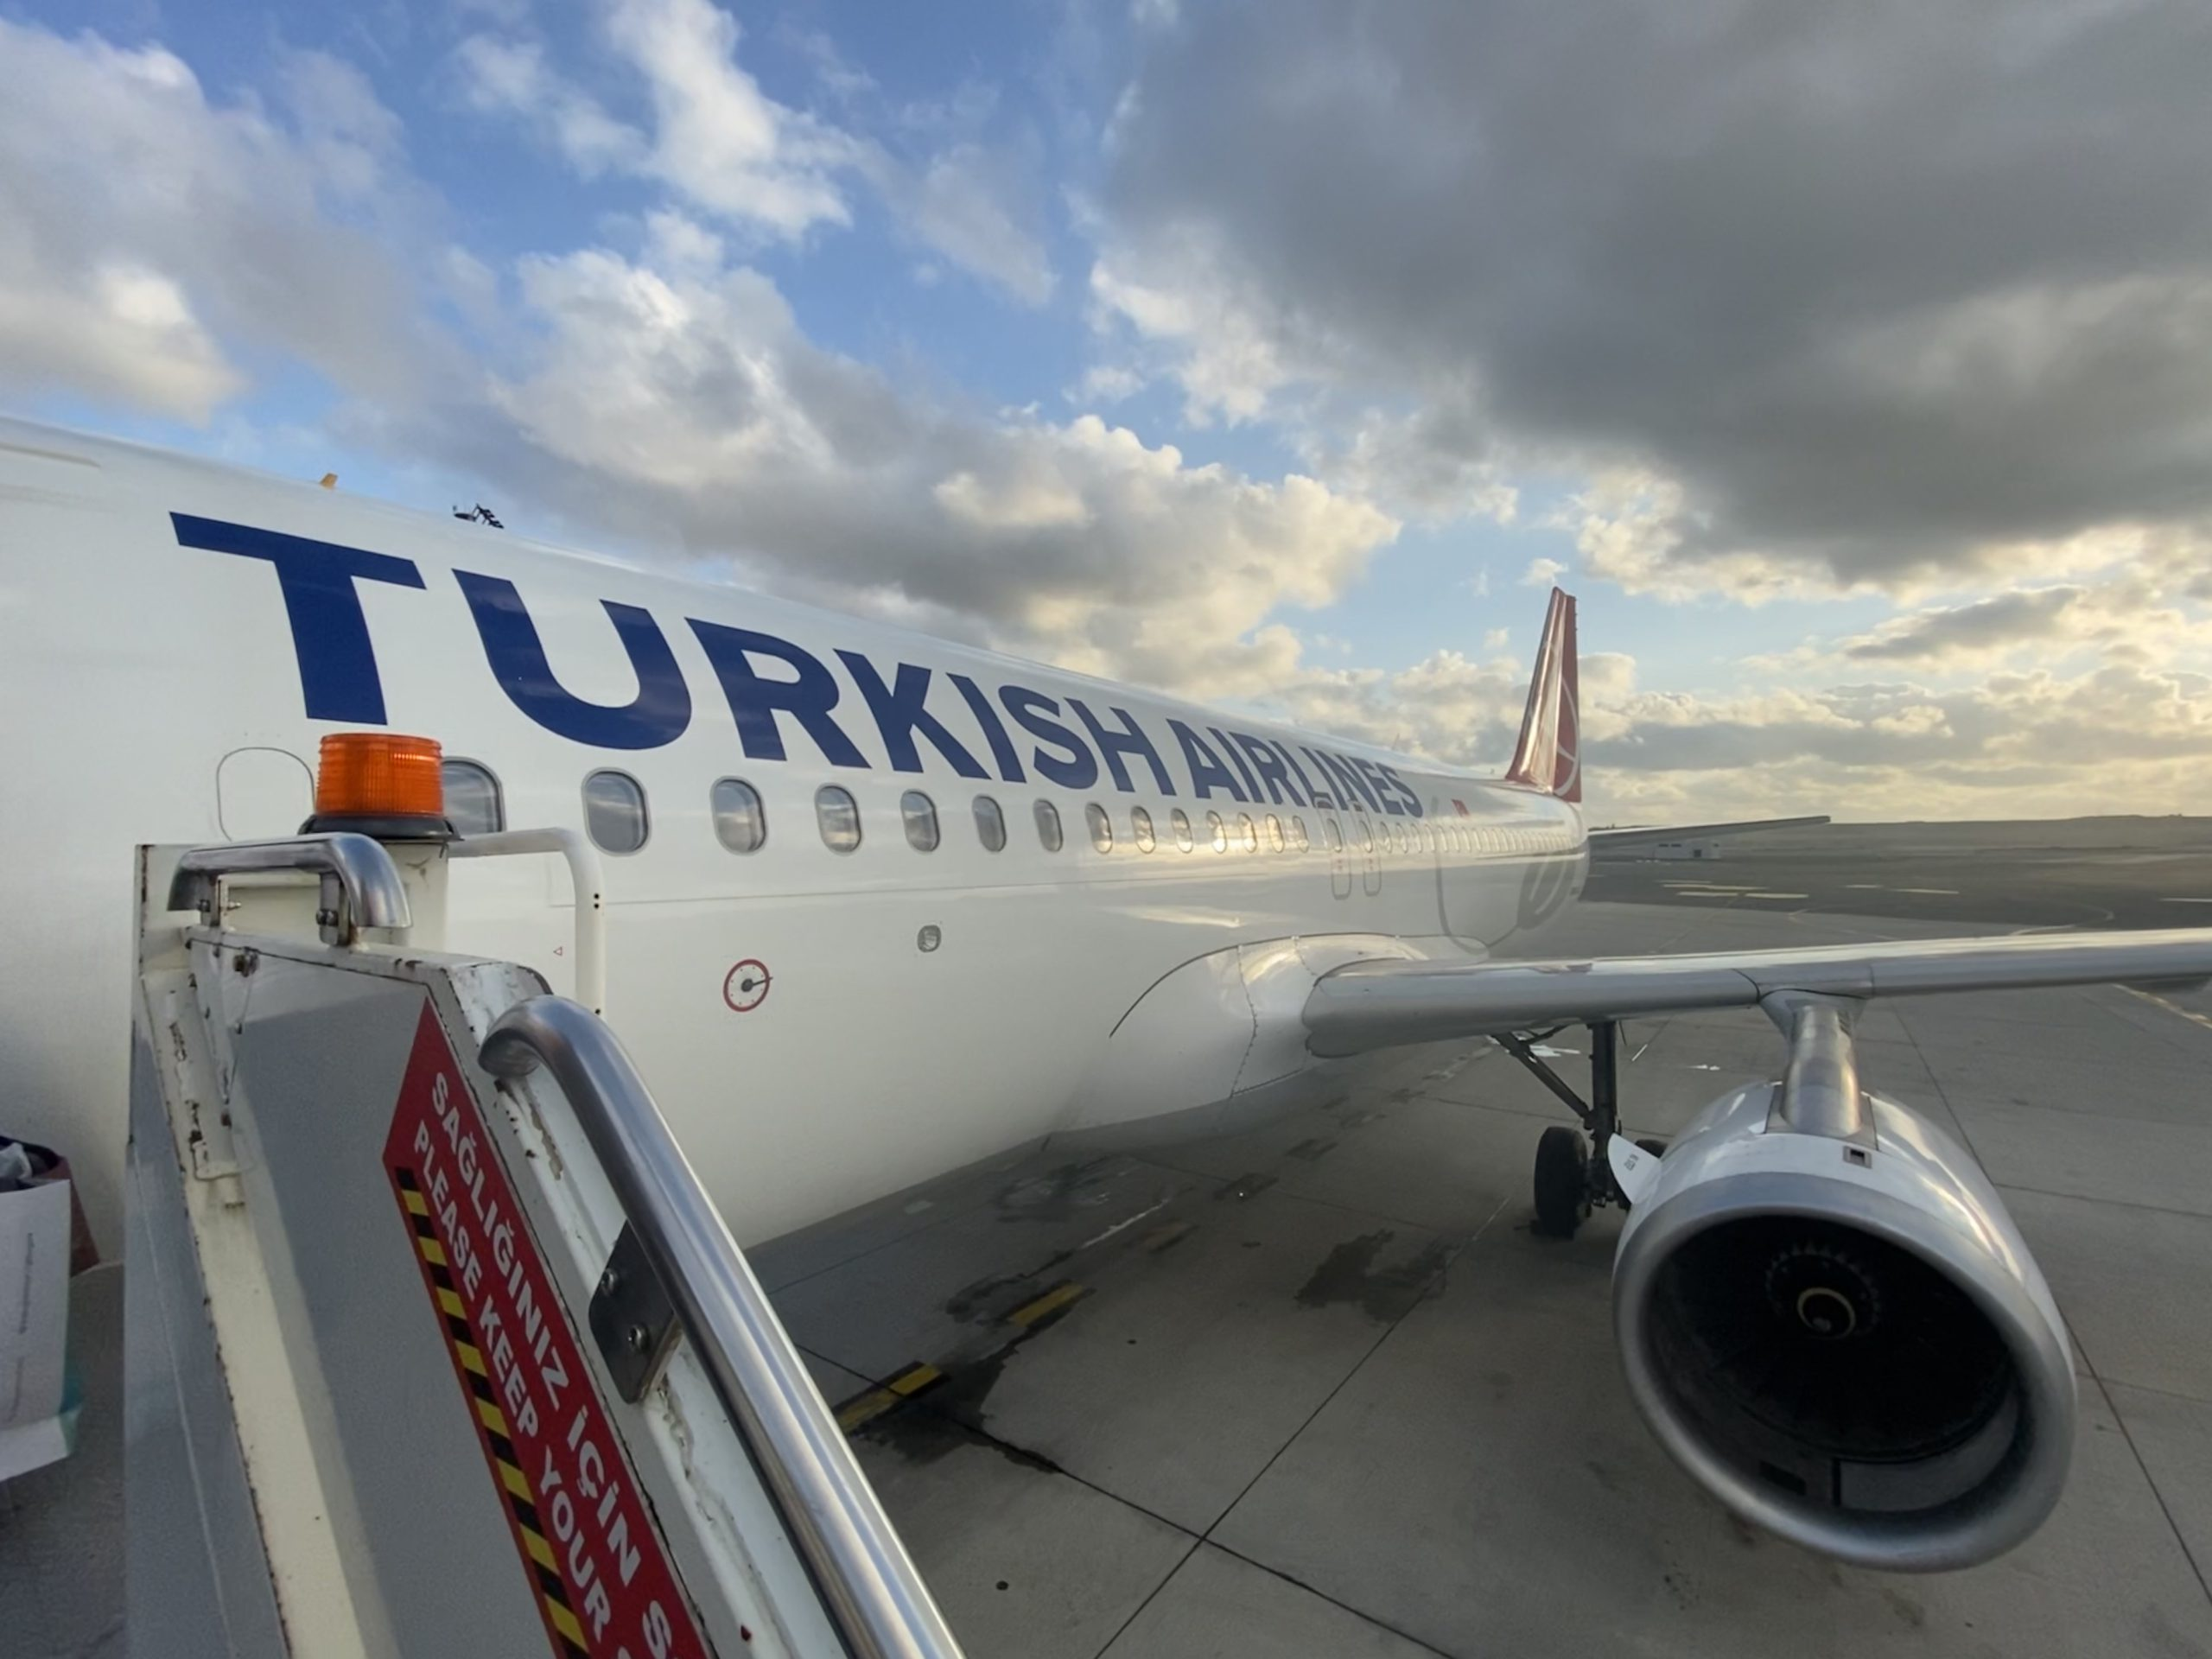 マルタ留学 Turkish Airlines:羽田空港⇒マルタ空港の現状 | 代々木グローバル高等学院[公式]